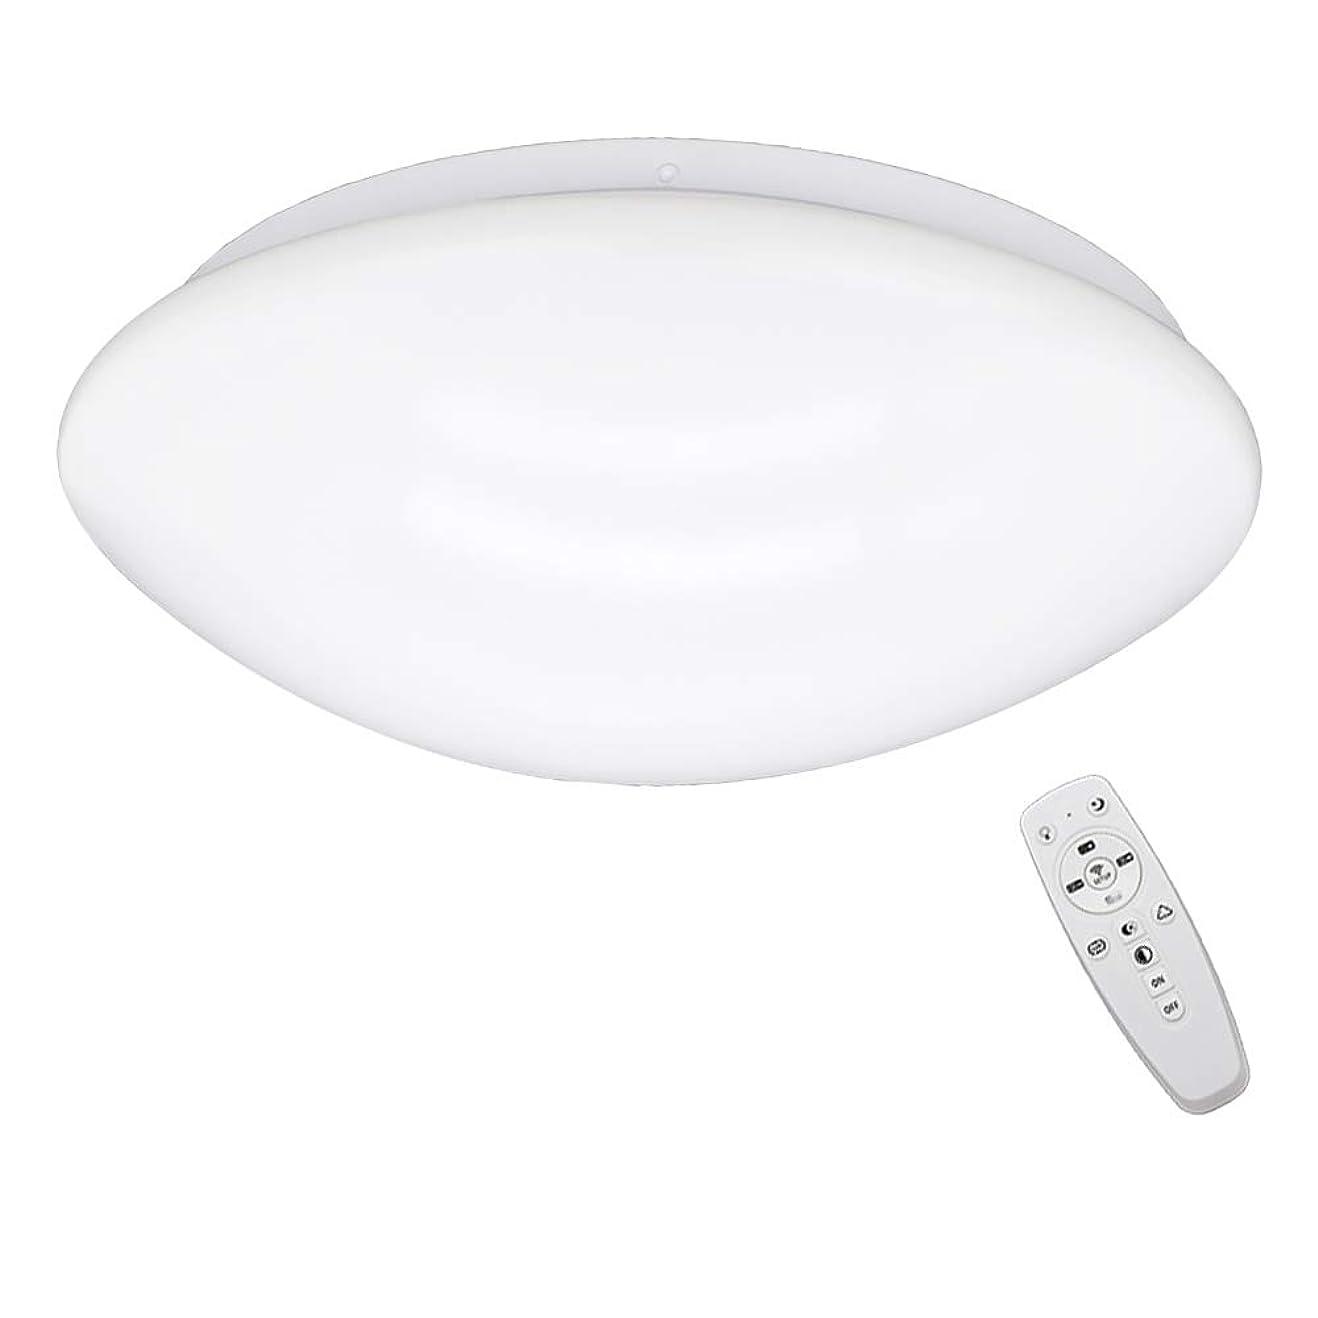 断言する主導権誕生日シーリングライト LED常夜灯 調光調色 リモコン付き ~8畳 引っ掛け式 簡単取付 小型 工事不要 PSE認証済 (24W)